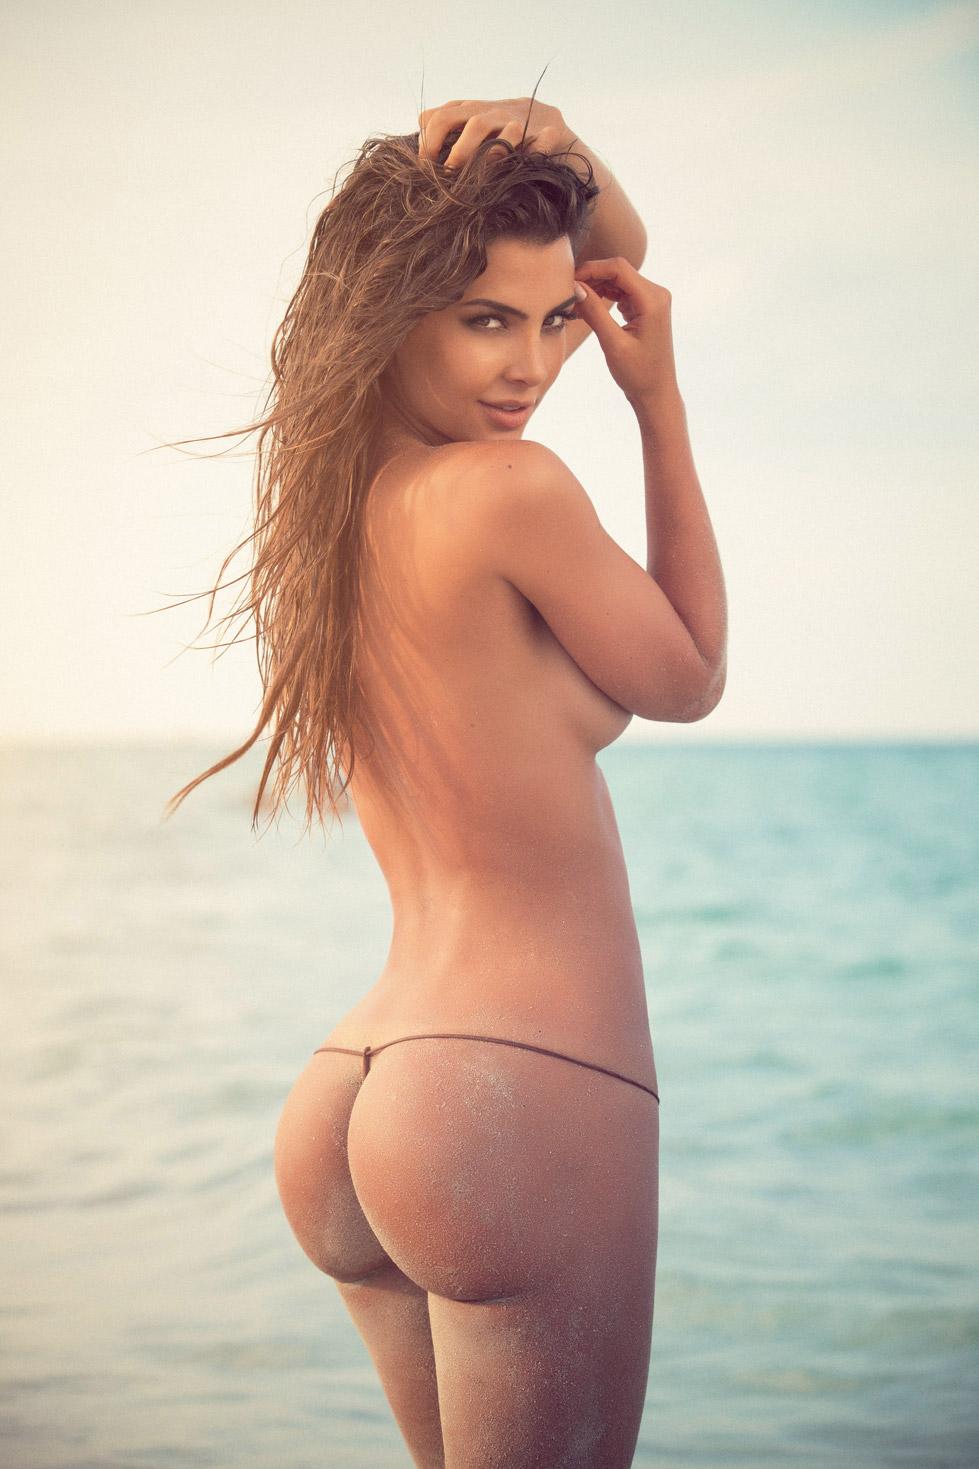 Самая красивая голая девчонка 4 фотография